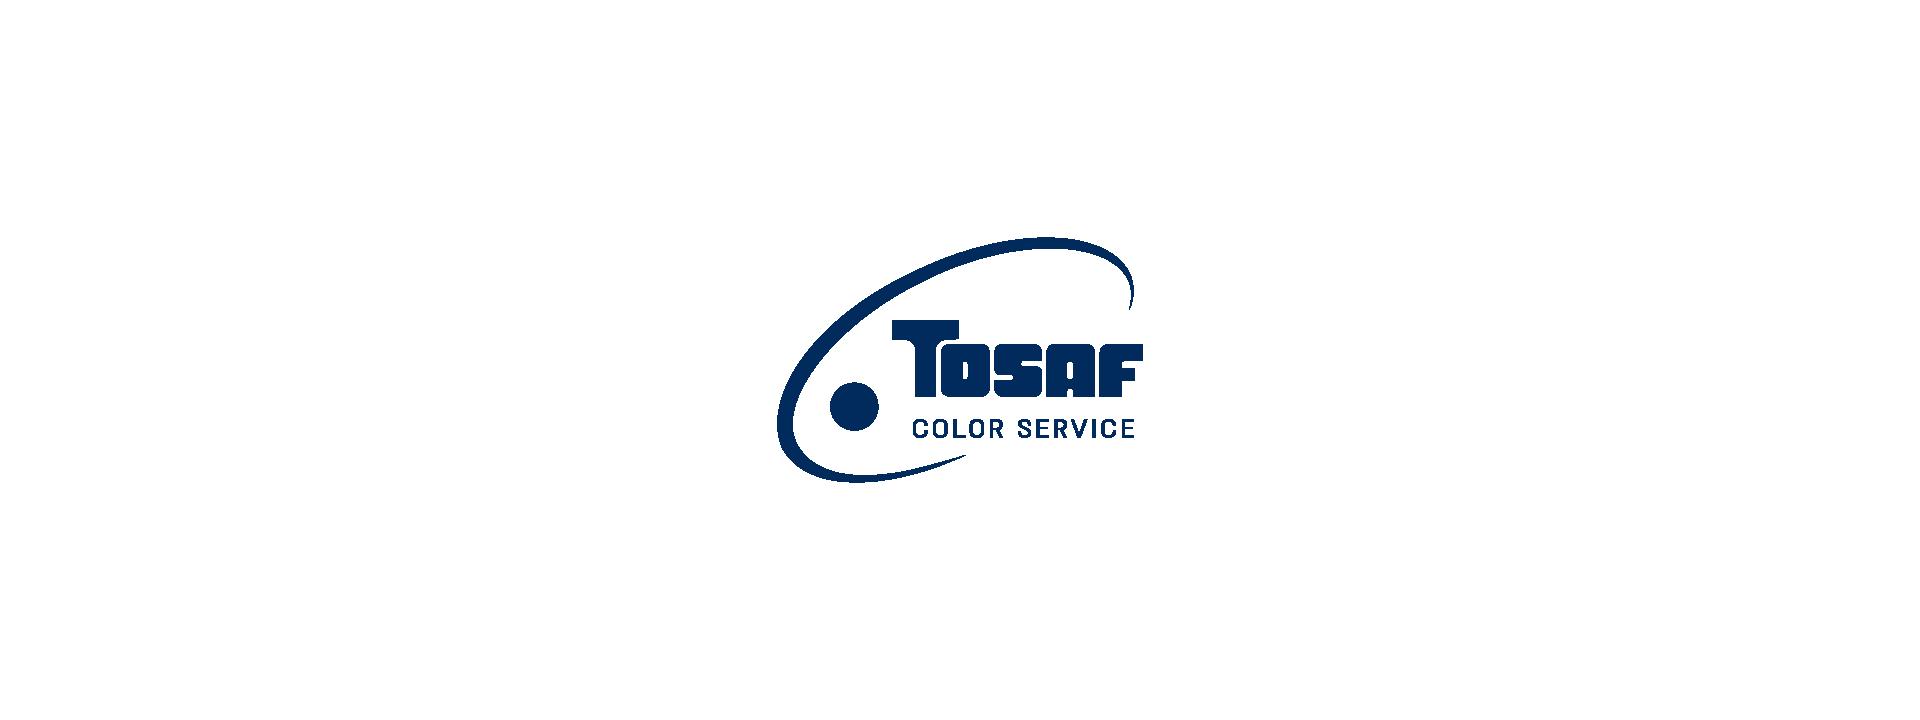 Tosaf logo